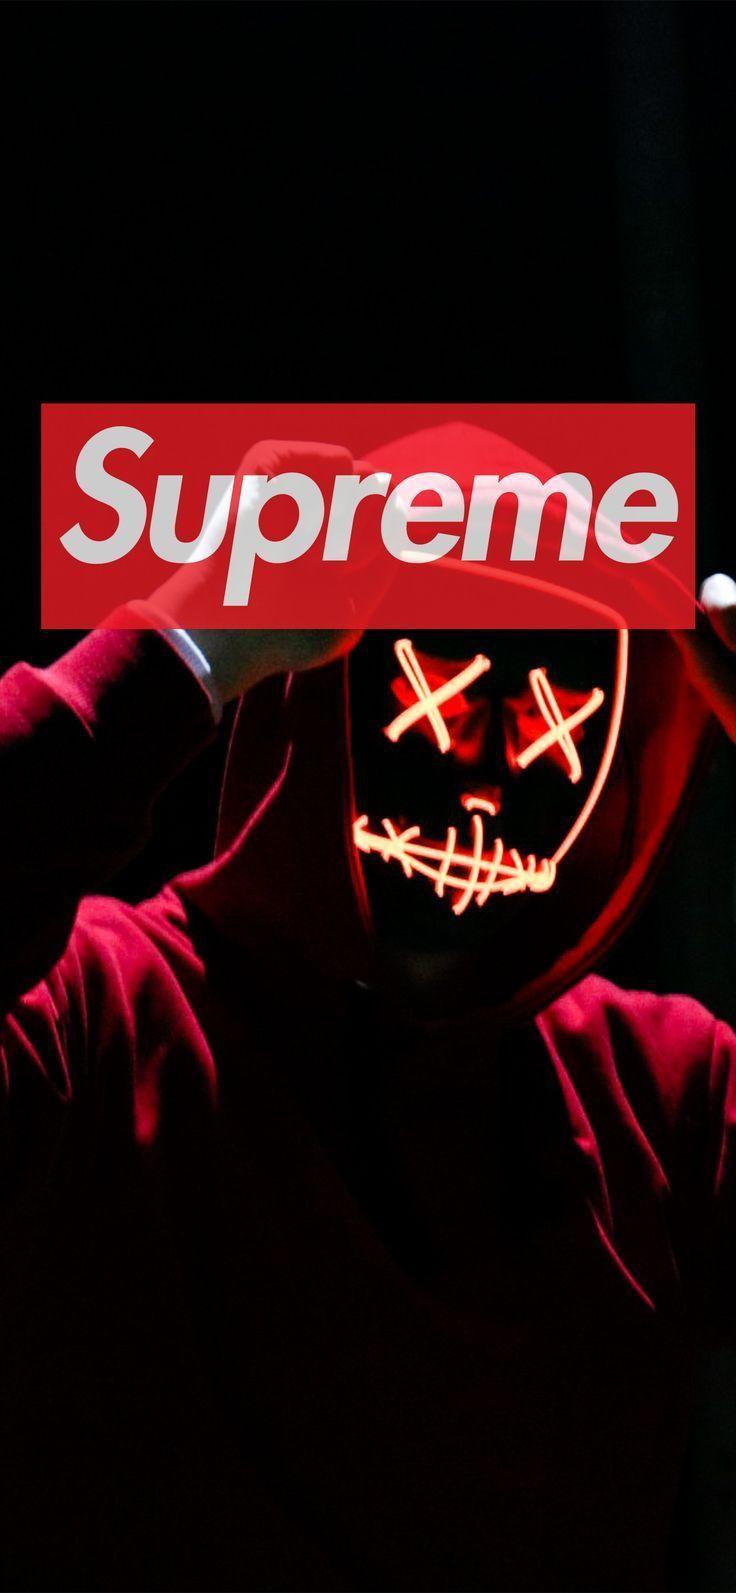 Supreme Cool Cool Supreme Cool Fondecran Supreme Supreme Wallpaper Supreme Iphone Wallpaper Supreme Wallpaper Hd